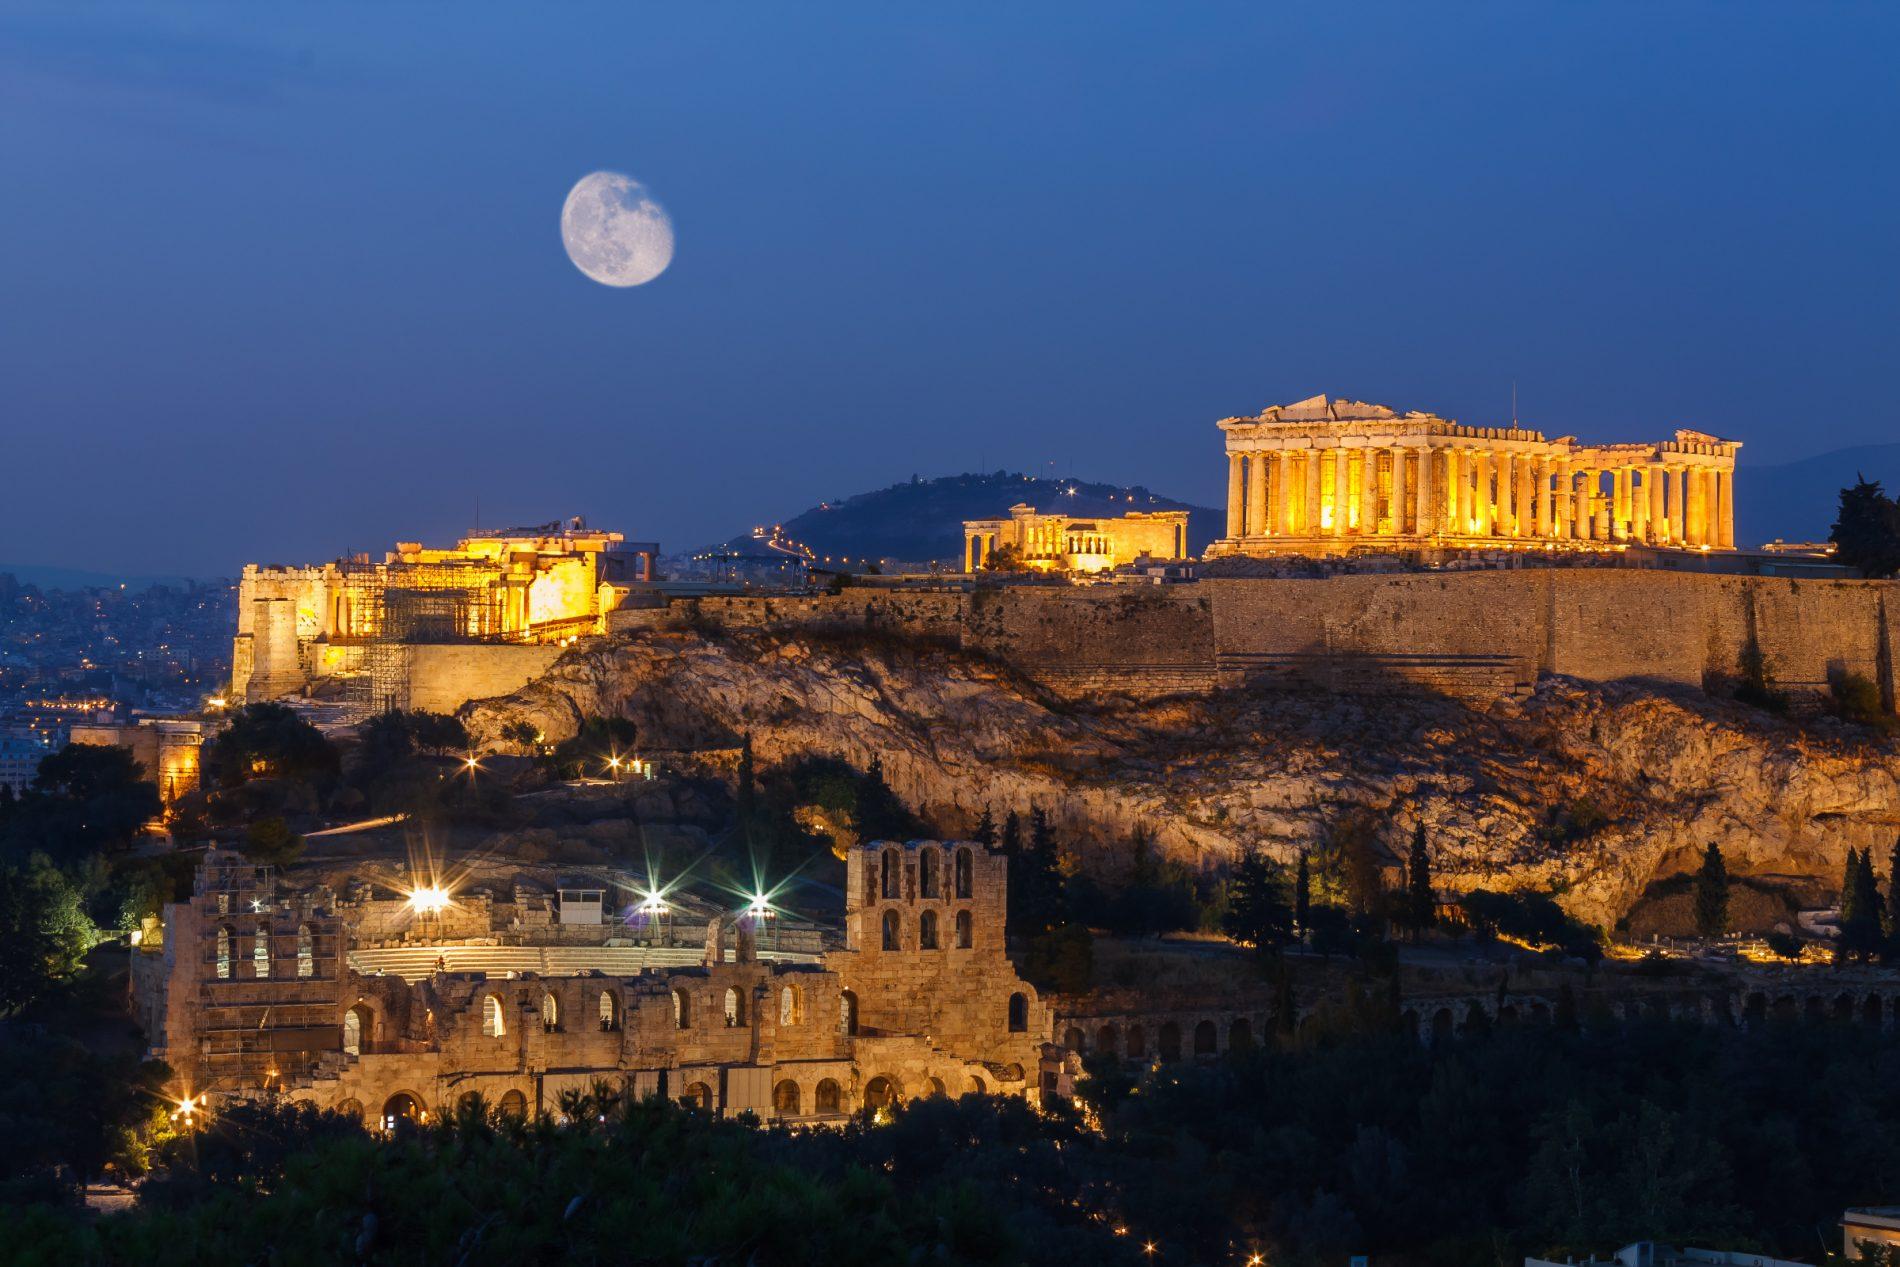 """Viaggio in Grecia low cost e solidale? Una guida turistica """"contro ogni crisi"""""""